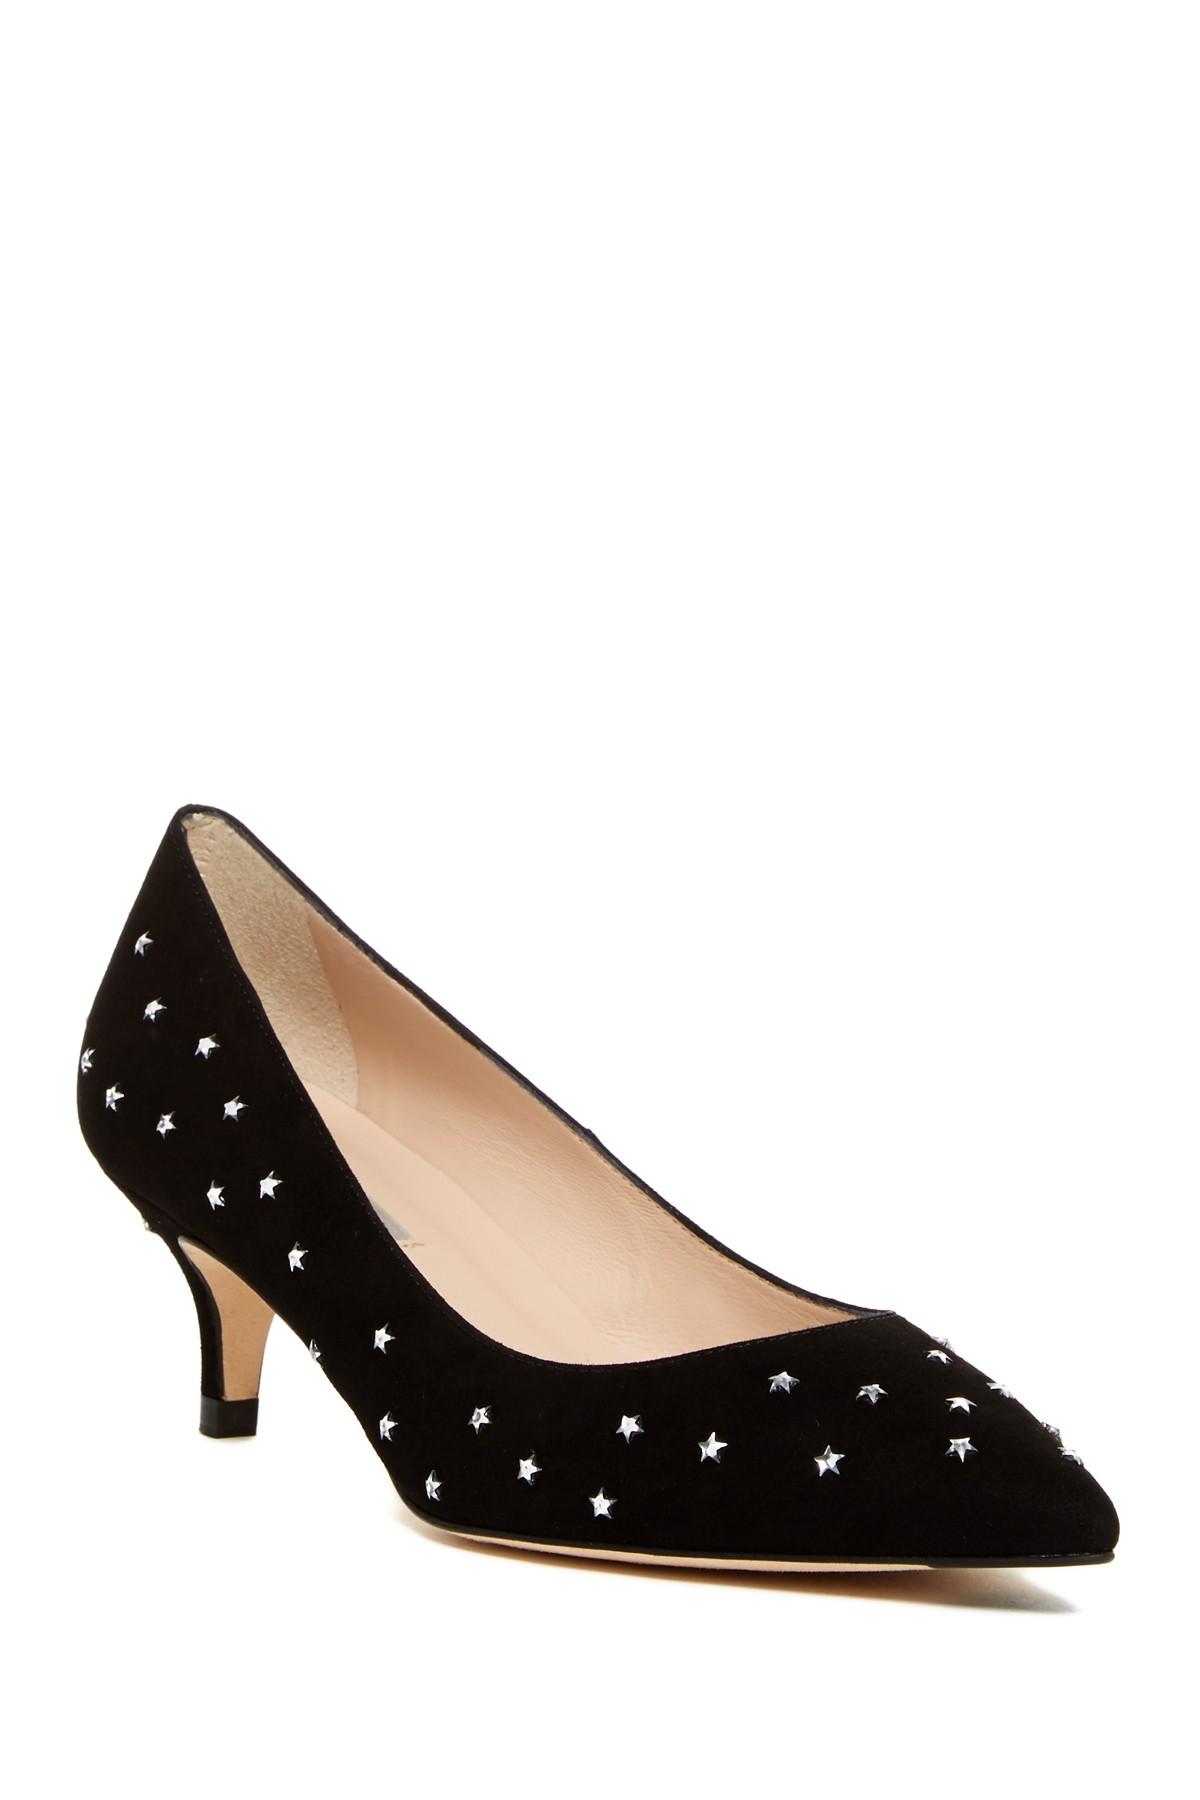 Designer Shoes With Kitten Heels